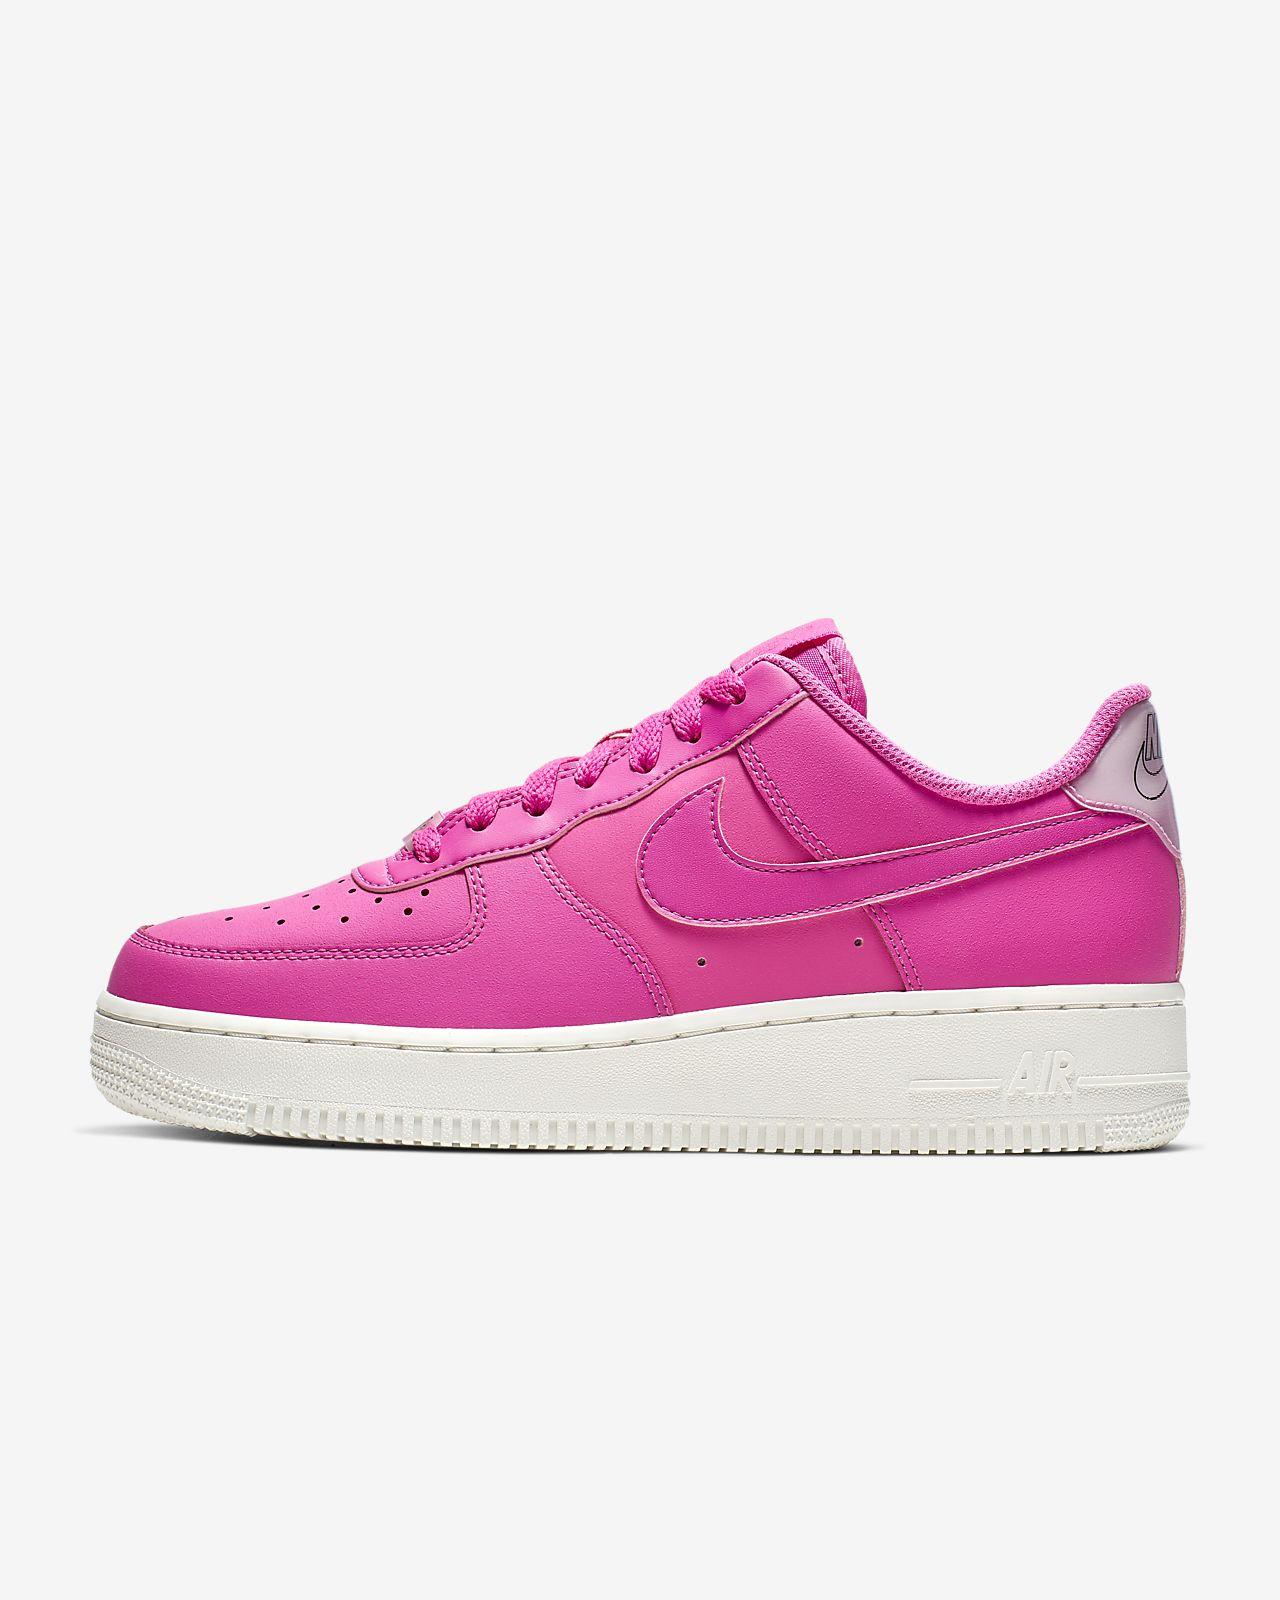 Γυναικείο παπούτσι Nike Air Force 1 '07 Essential